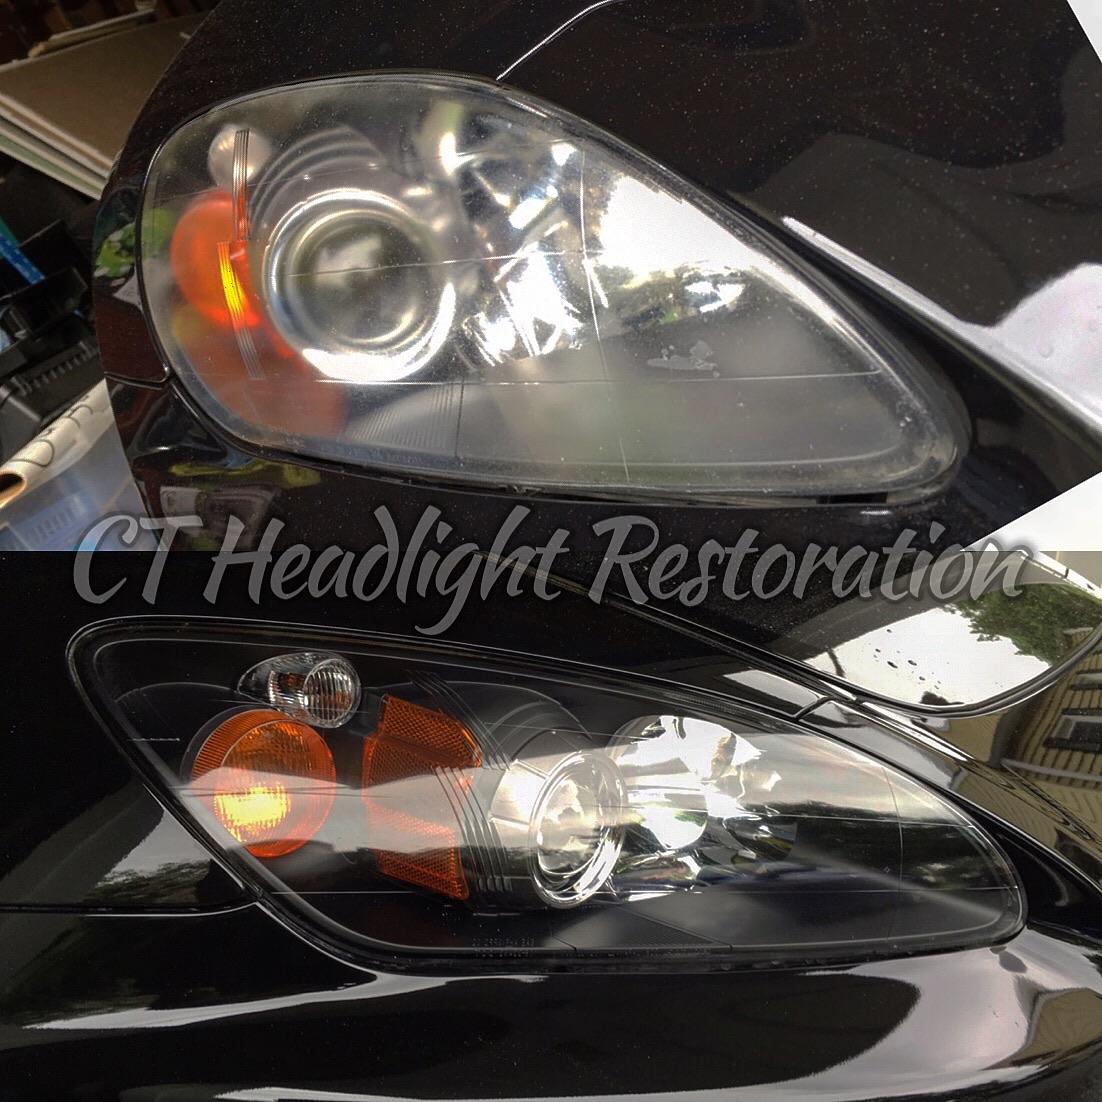 Honda S2000 CT Headlight Restoration.jpg